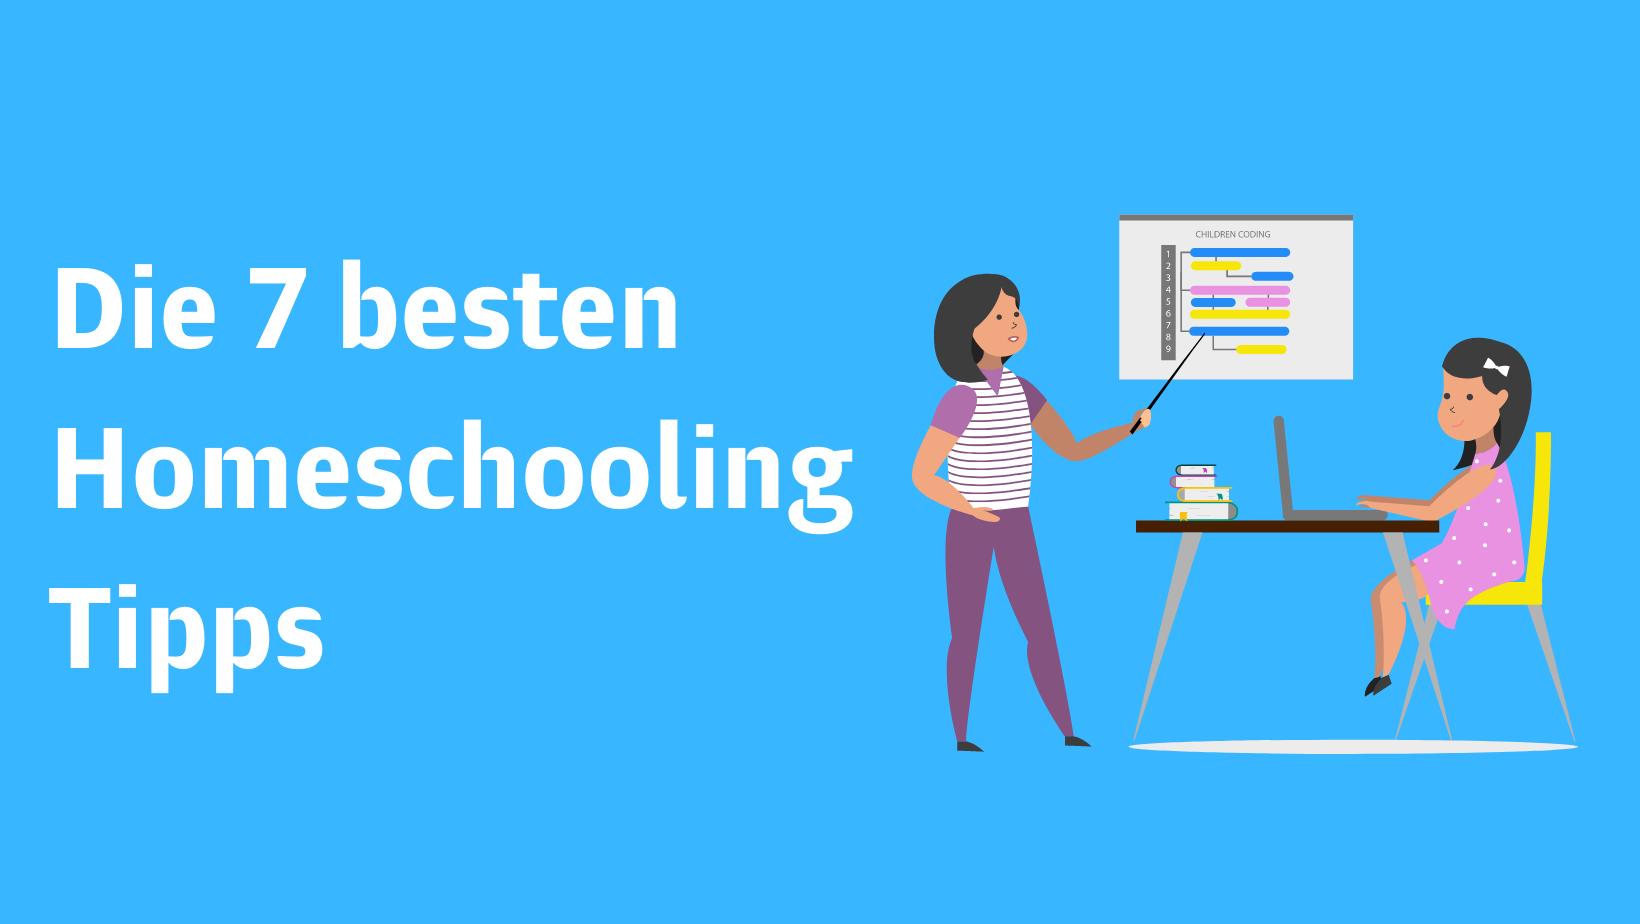 Die 7 besten Homeschooling/Heimschule Tipps für Eltern